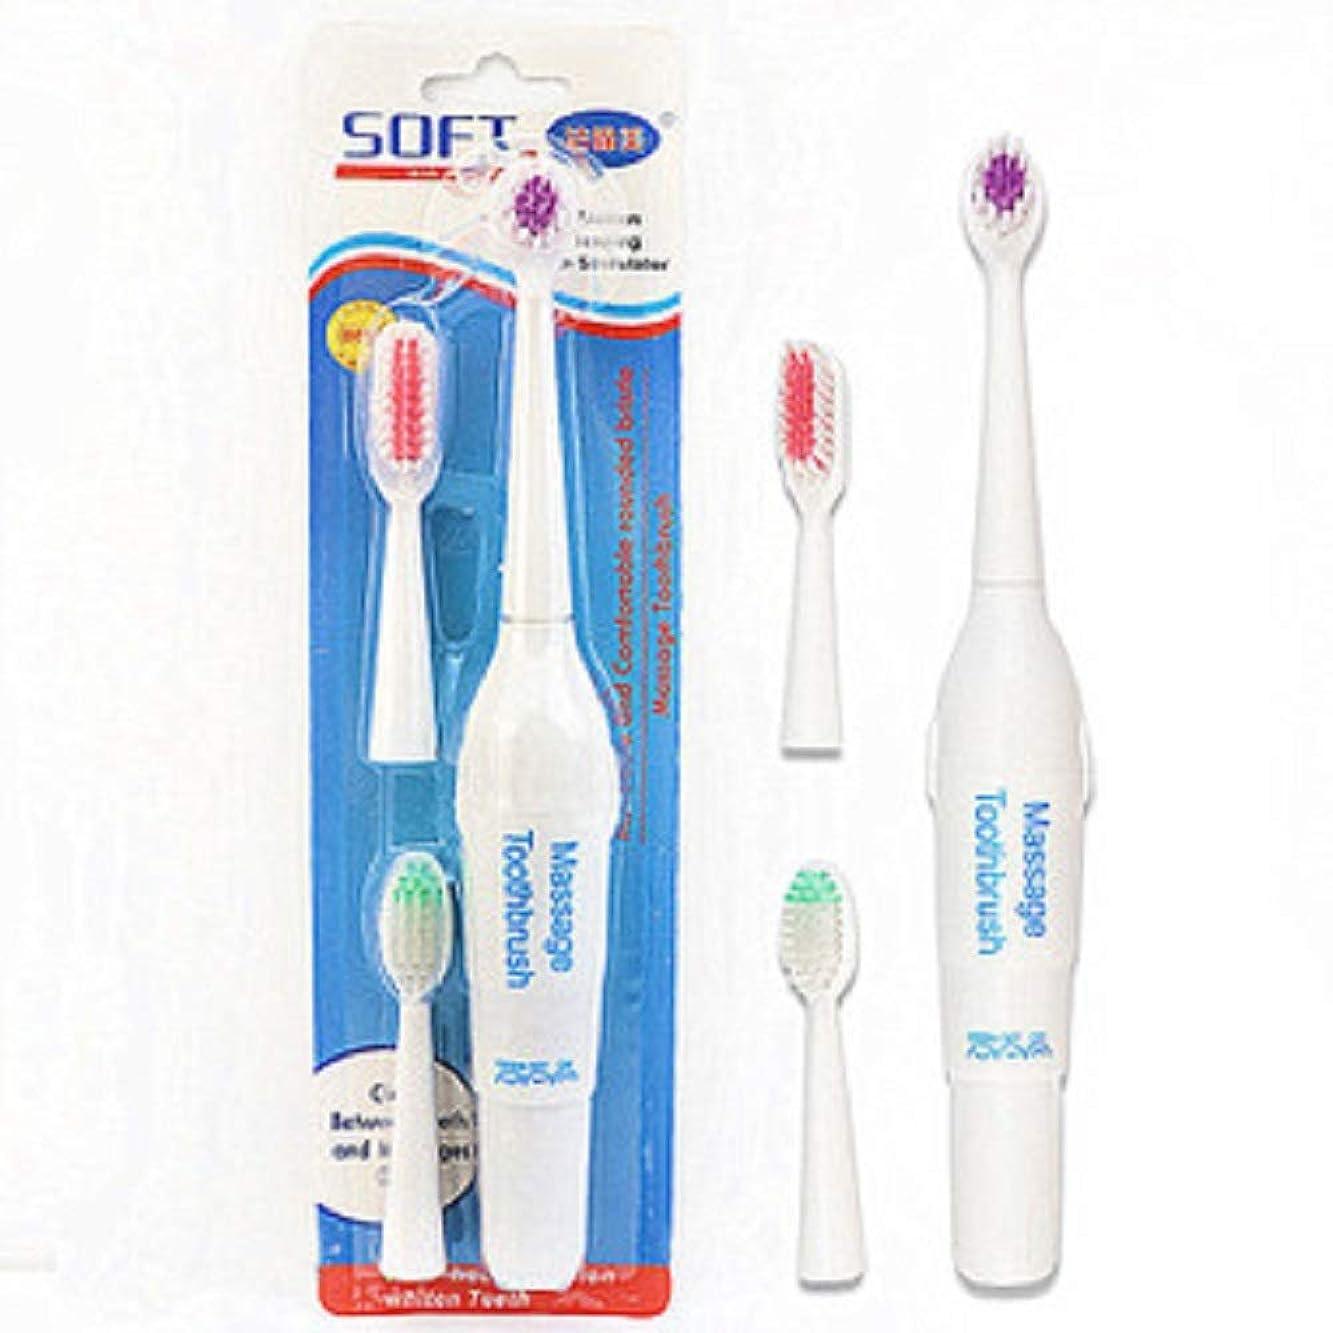 偽ローンこするペット電動歯ブラシ犬猫電動歯ブラシ、バッテリーなし(ハンドルフォントはランダムに3色で送信されます)(ホワイト)